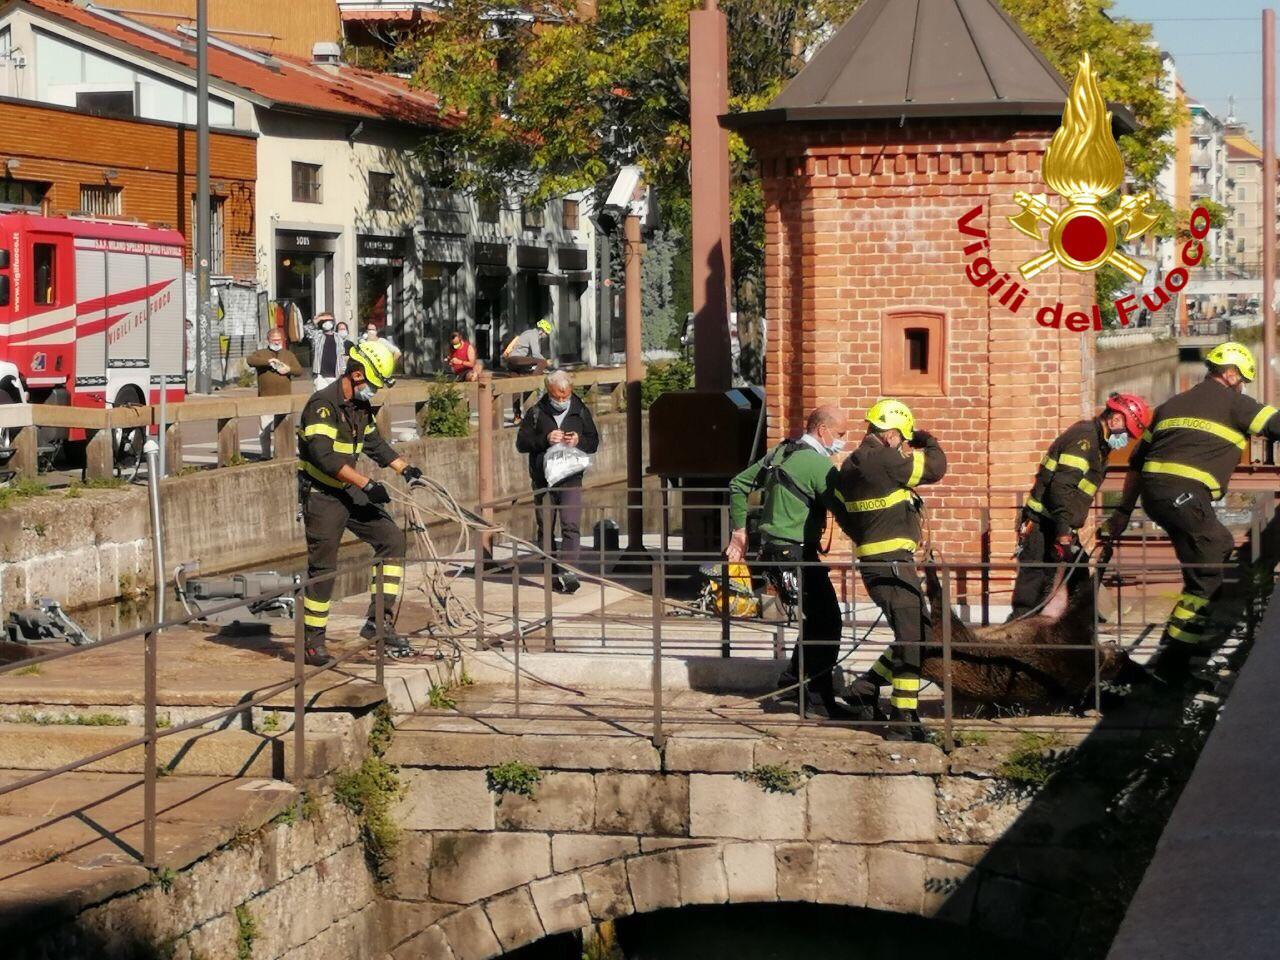 cinghiale Zampe di velluto - Il Cinghiale va in città e cade nel Naviglio. Salvato dai Vigili del fuoco 08/10/2020